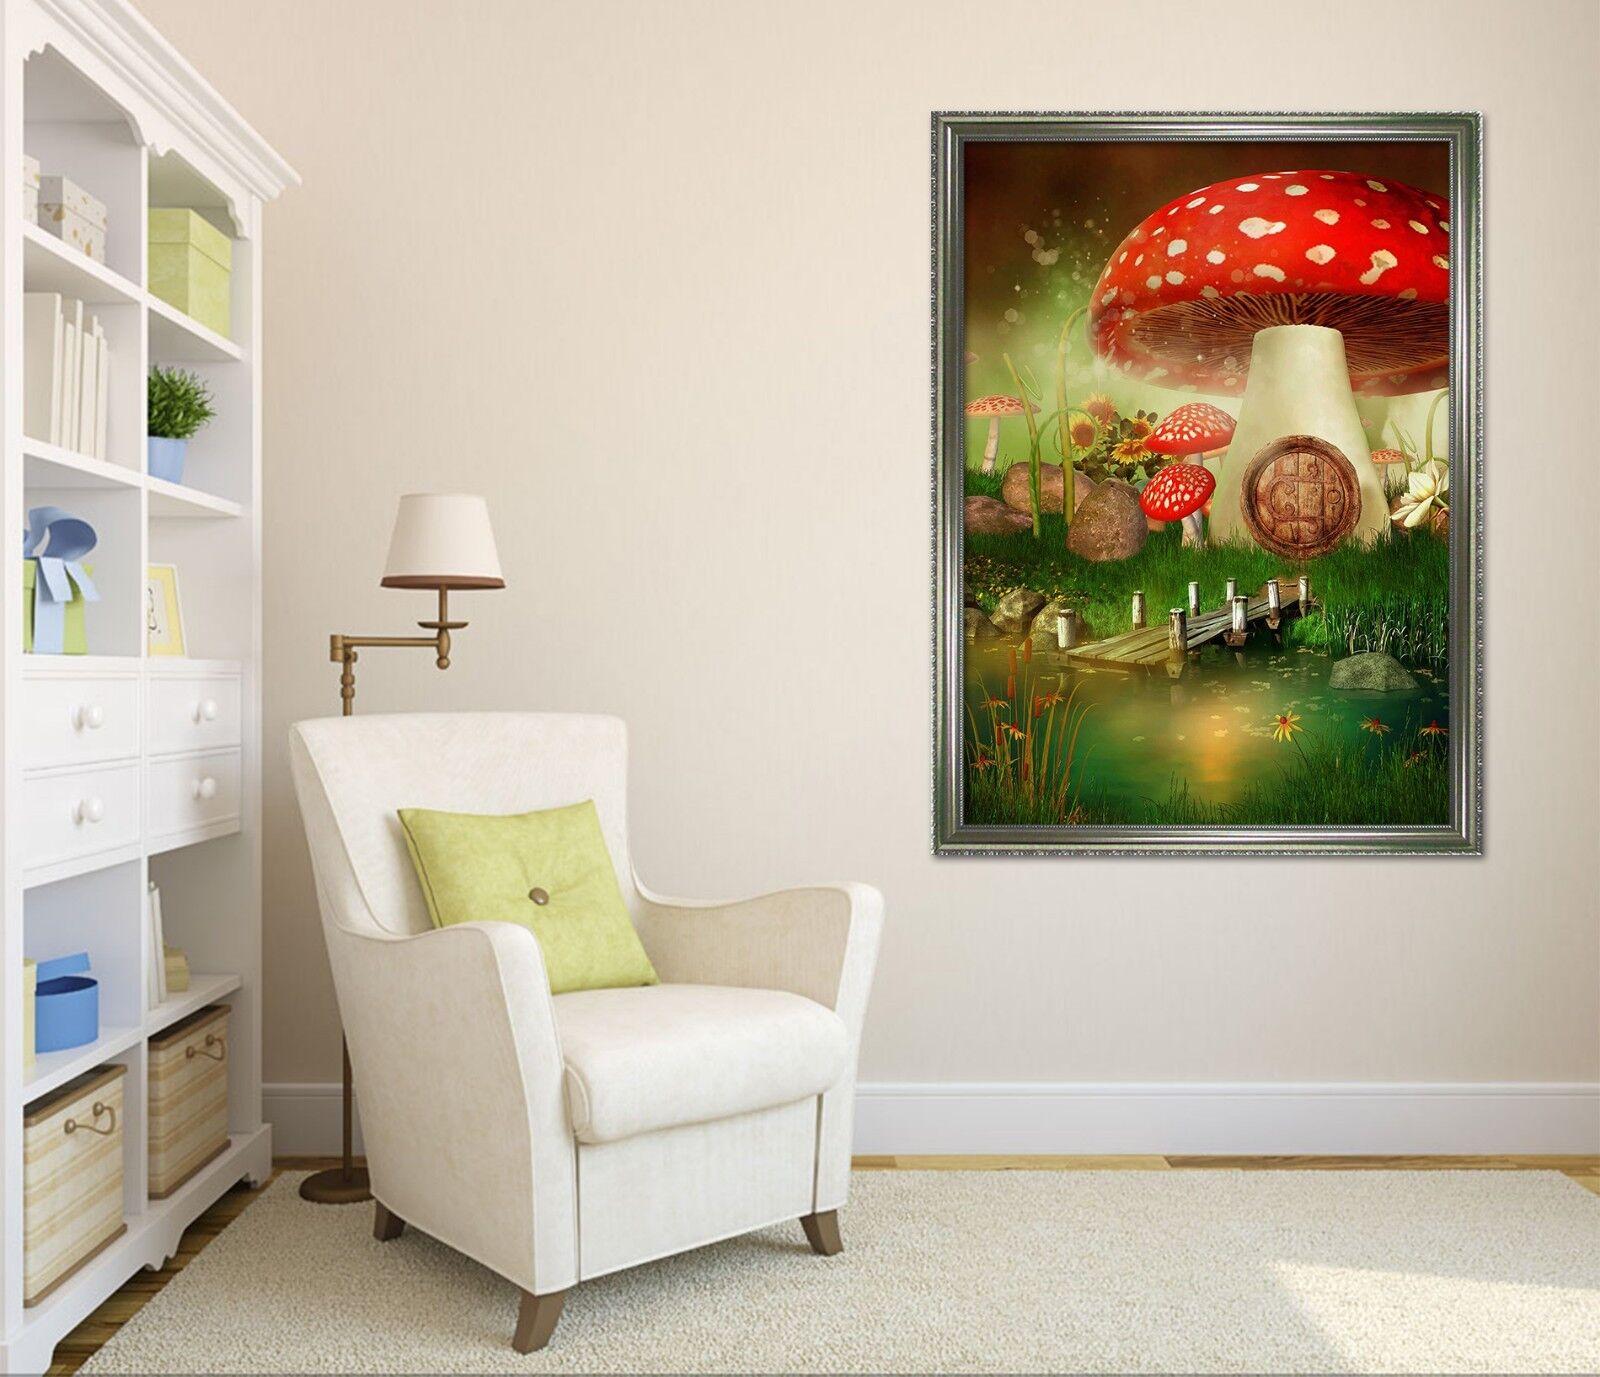 3D Mushroom House 69 Framed Poster Home Decor Print Painting Art AJ UK